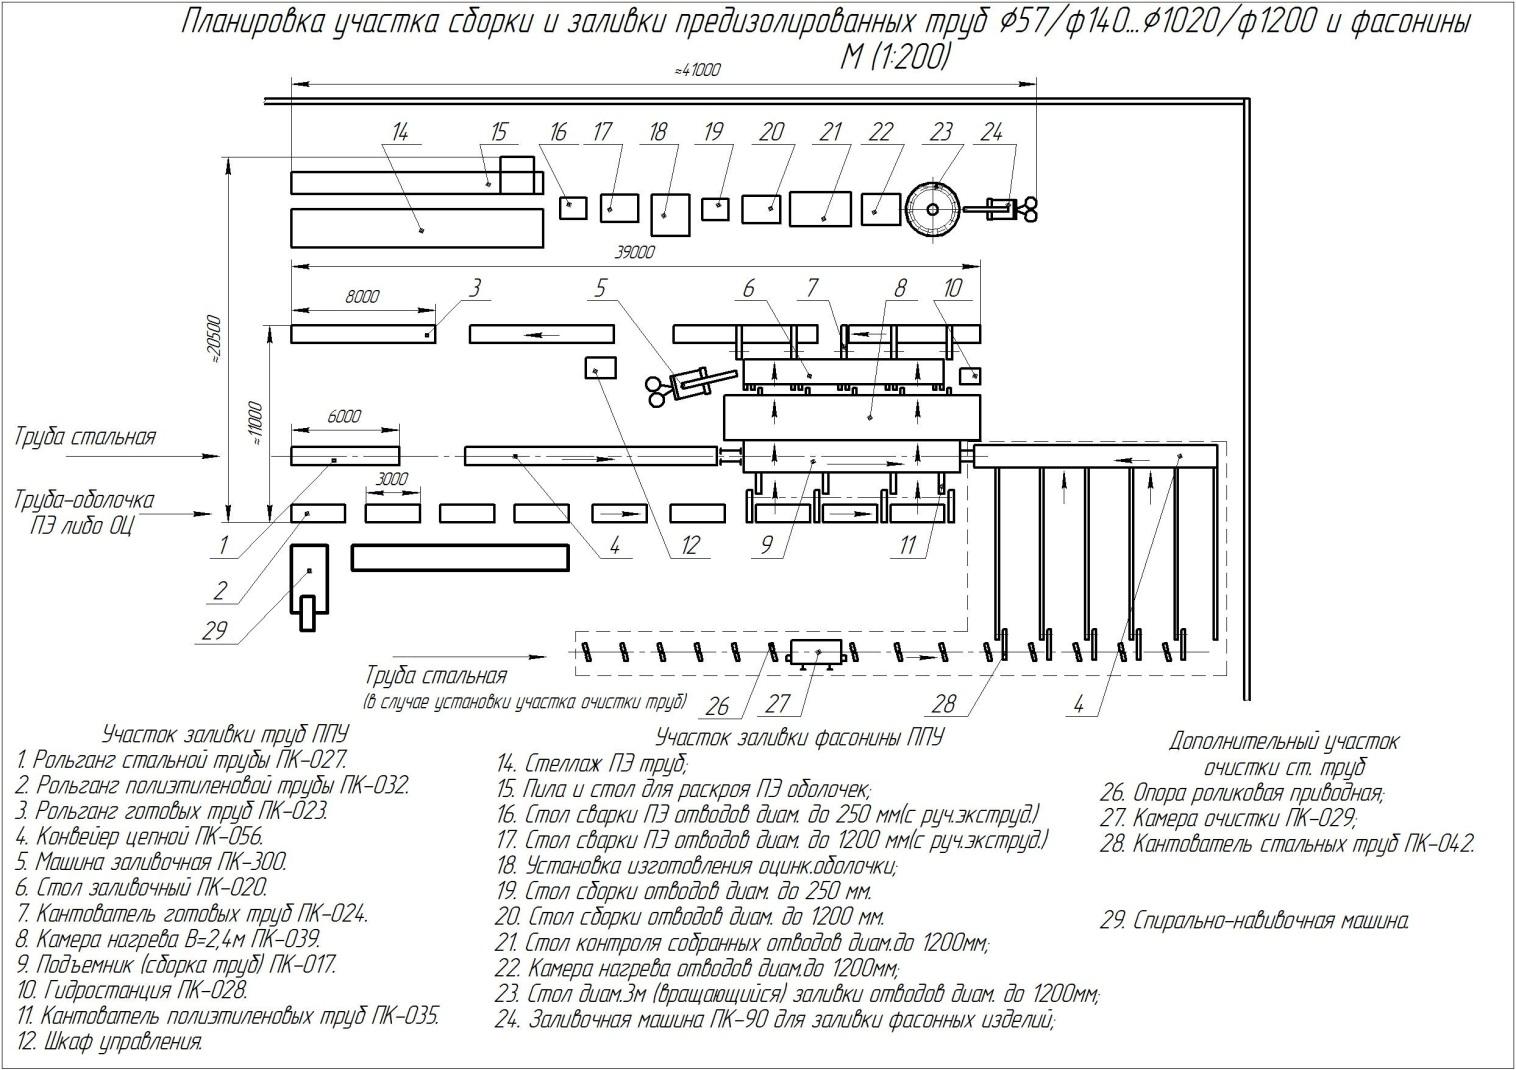 Планировка участка сборки и заливки предизолированных труб и фасонины